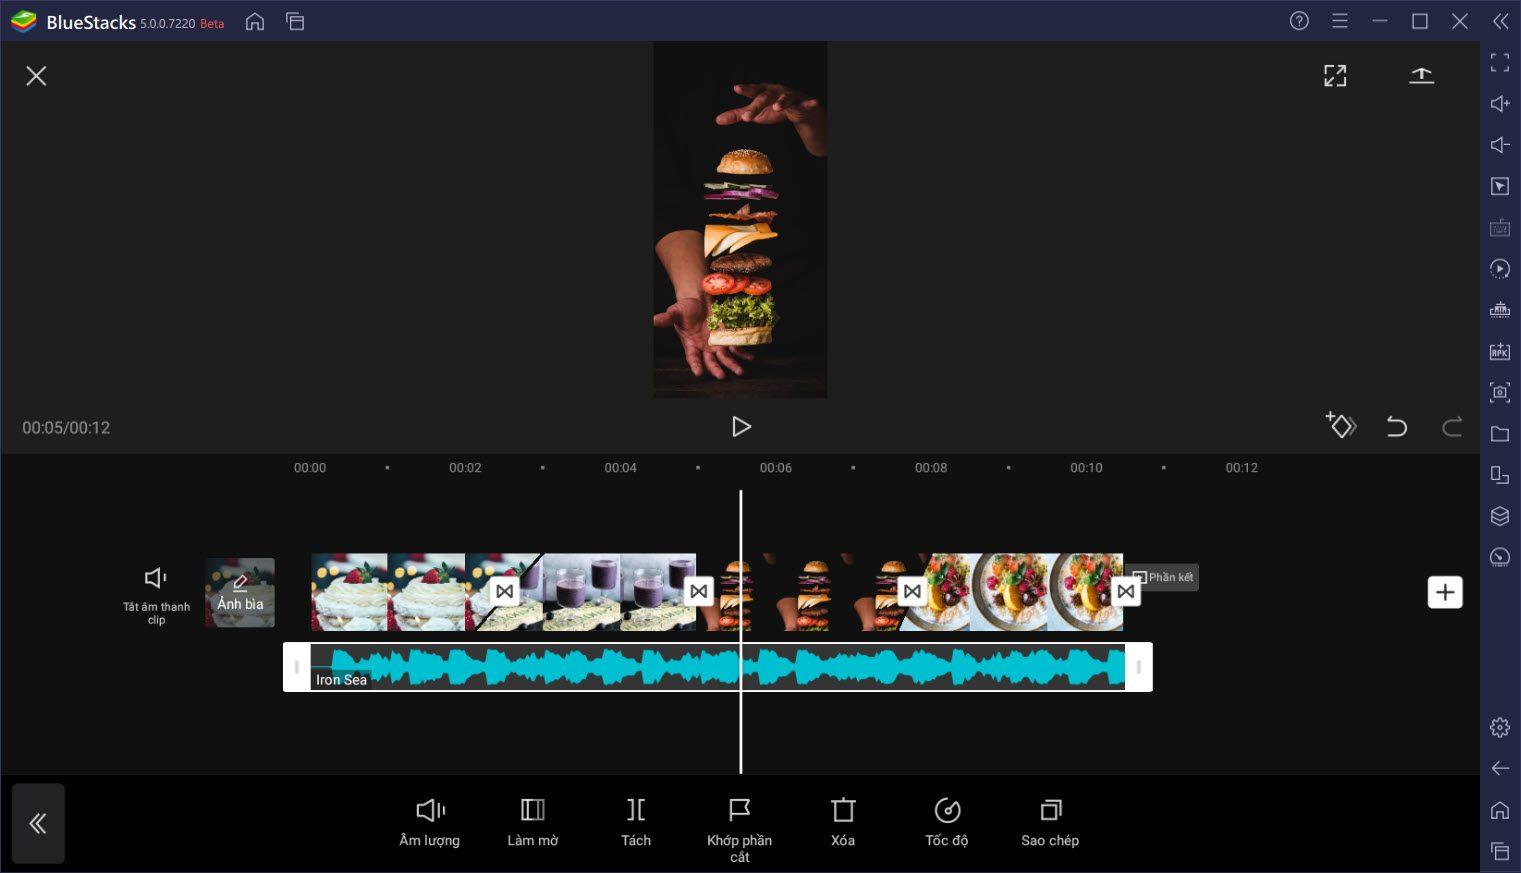 Cách dùng CapCut tạo video chuẩn TikTok cực nhanh bằng BlueStacks